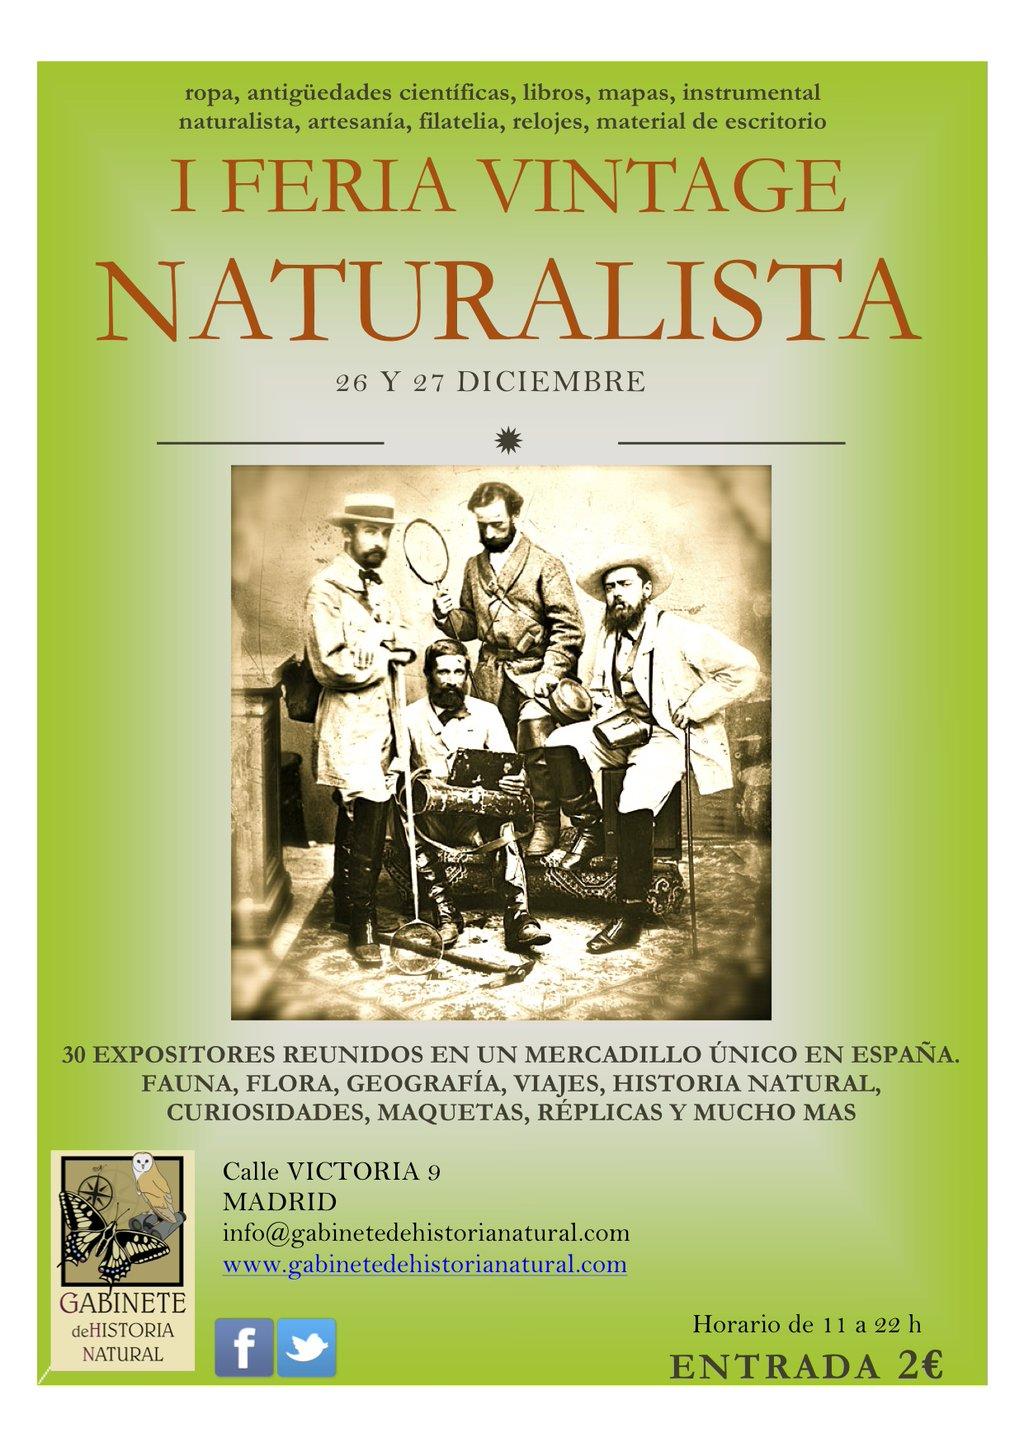 Feria Vintage Naturalista